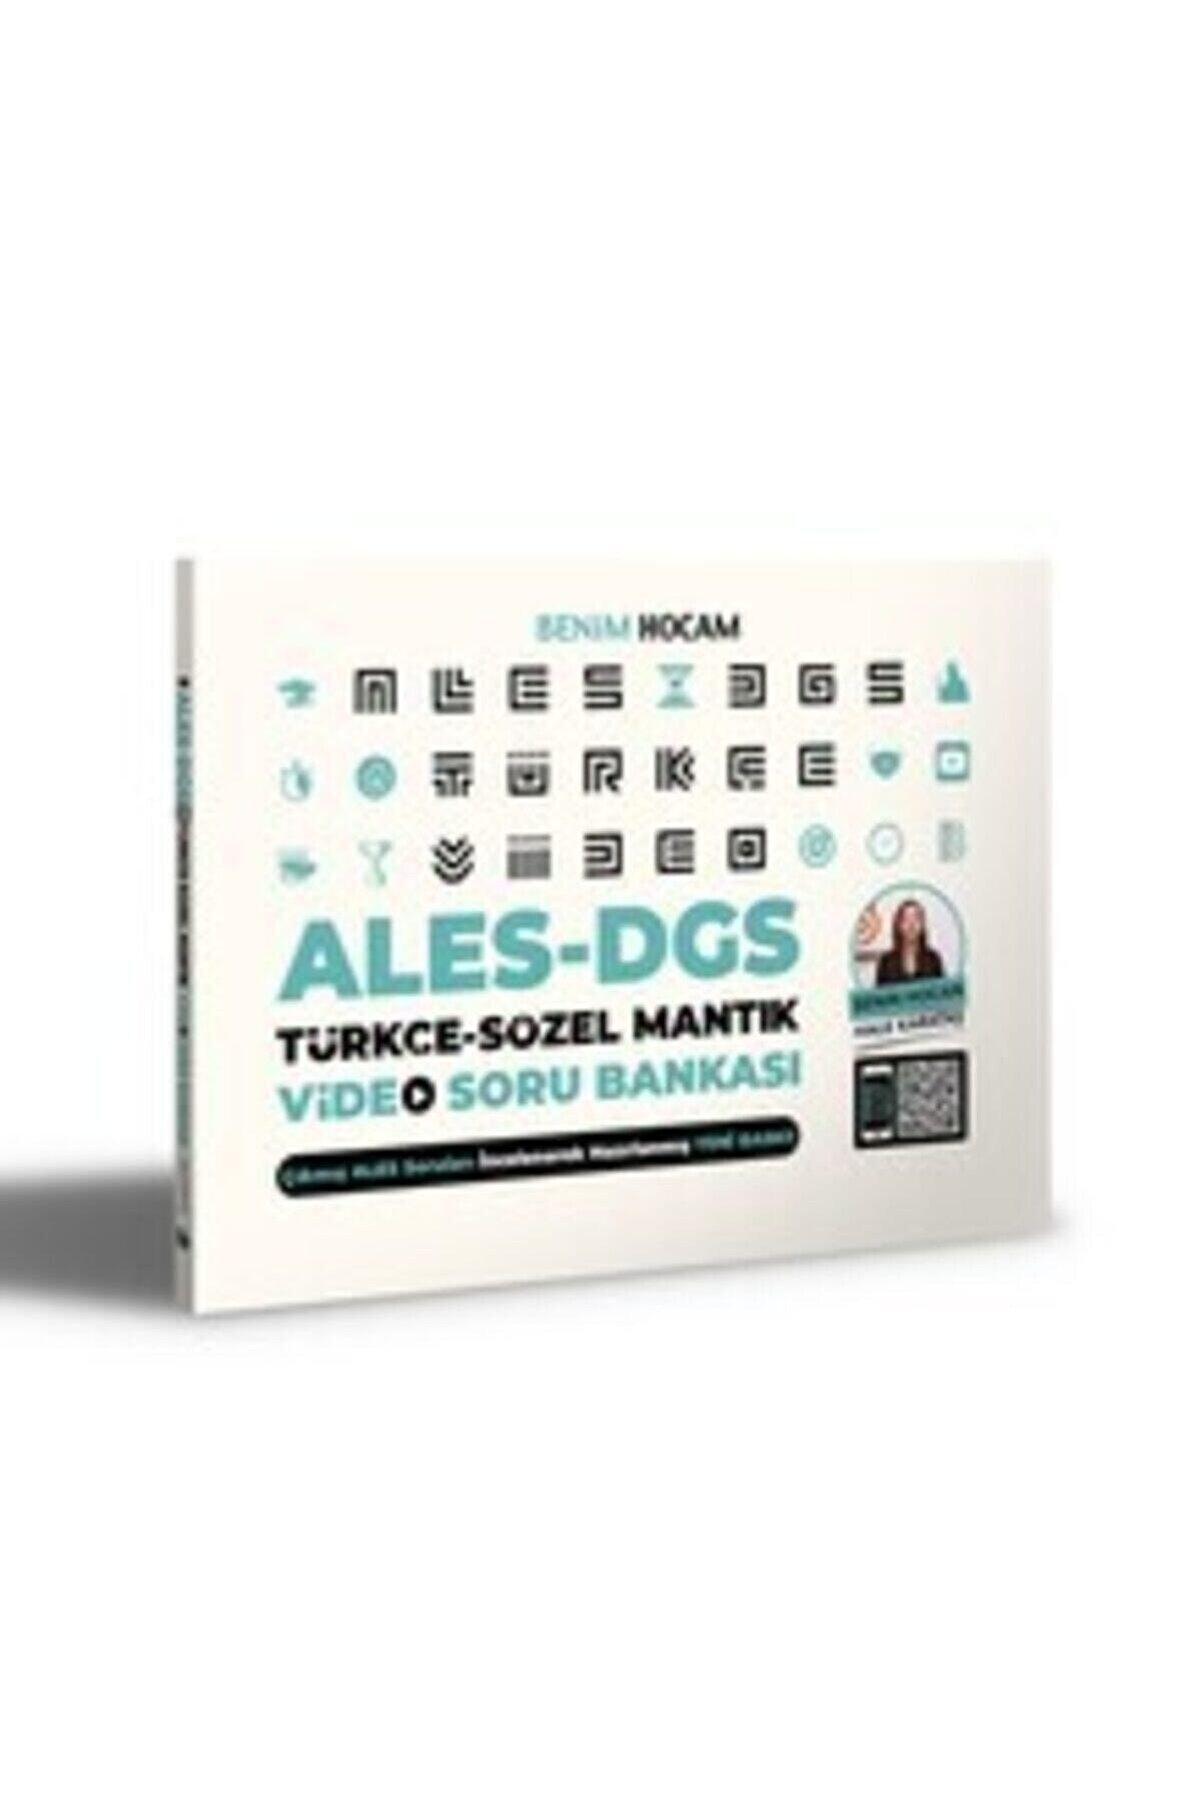 Benim Hocam Yayınları 2021 Ales Dgs Türkçe Sözel Mantık Video Soru Bankası